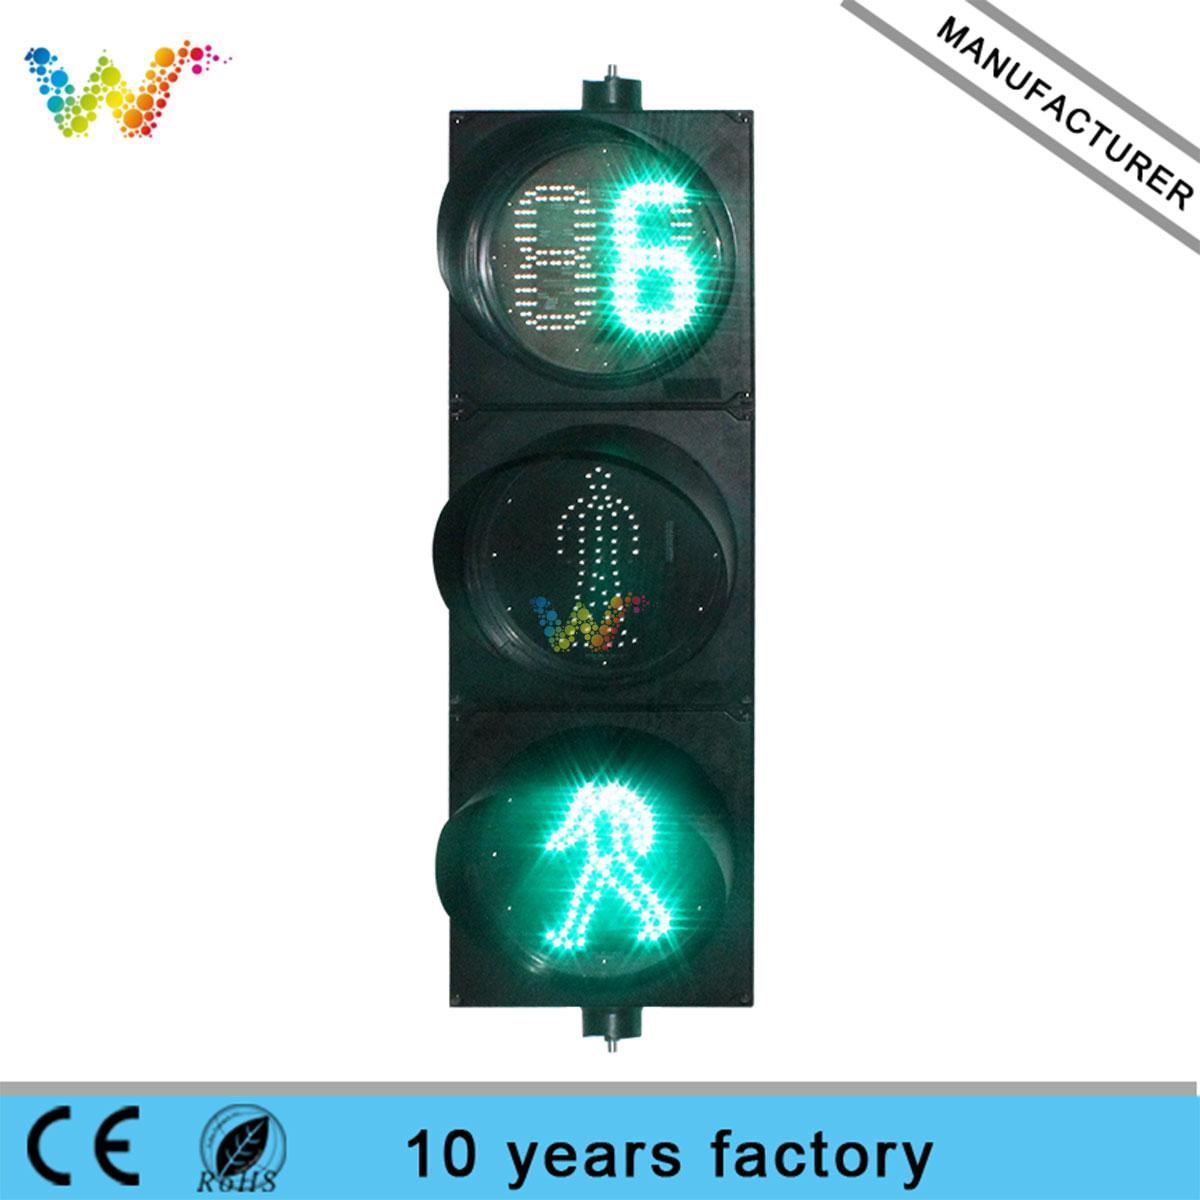 300mm pedestrian countdown timer traffic light